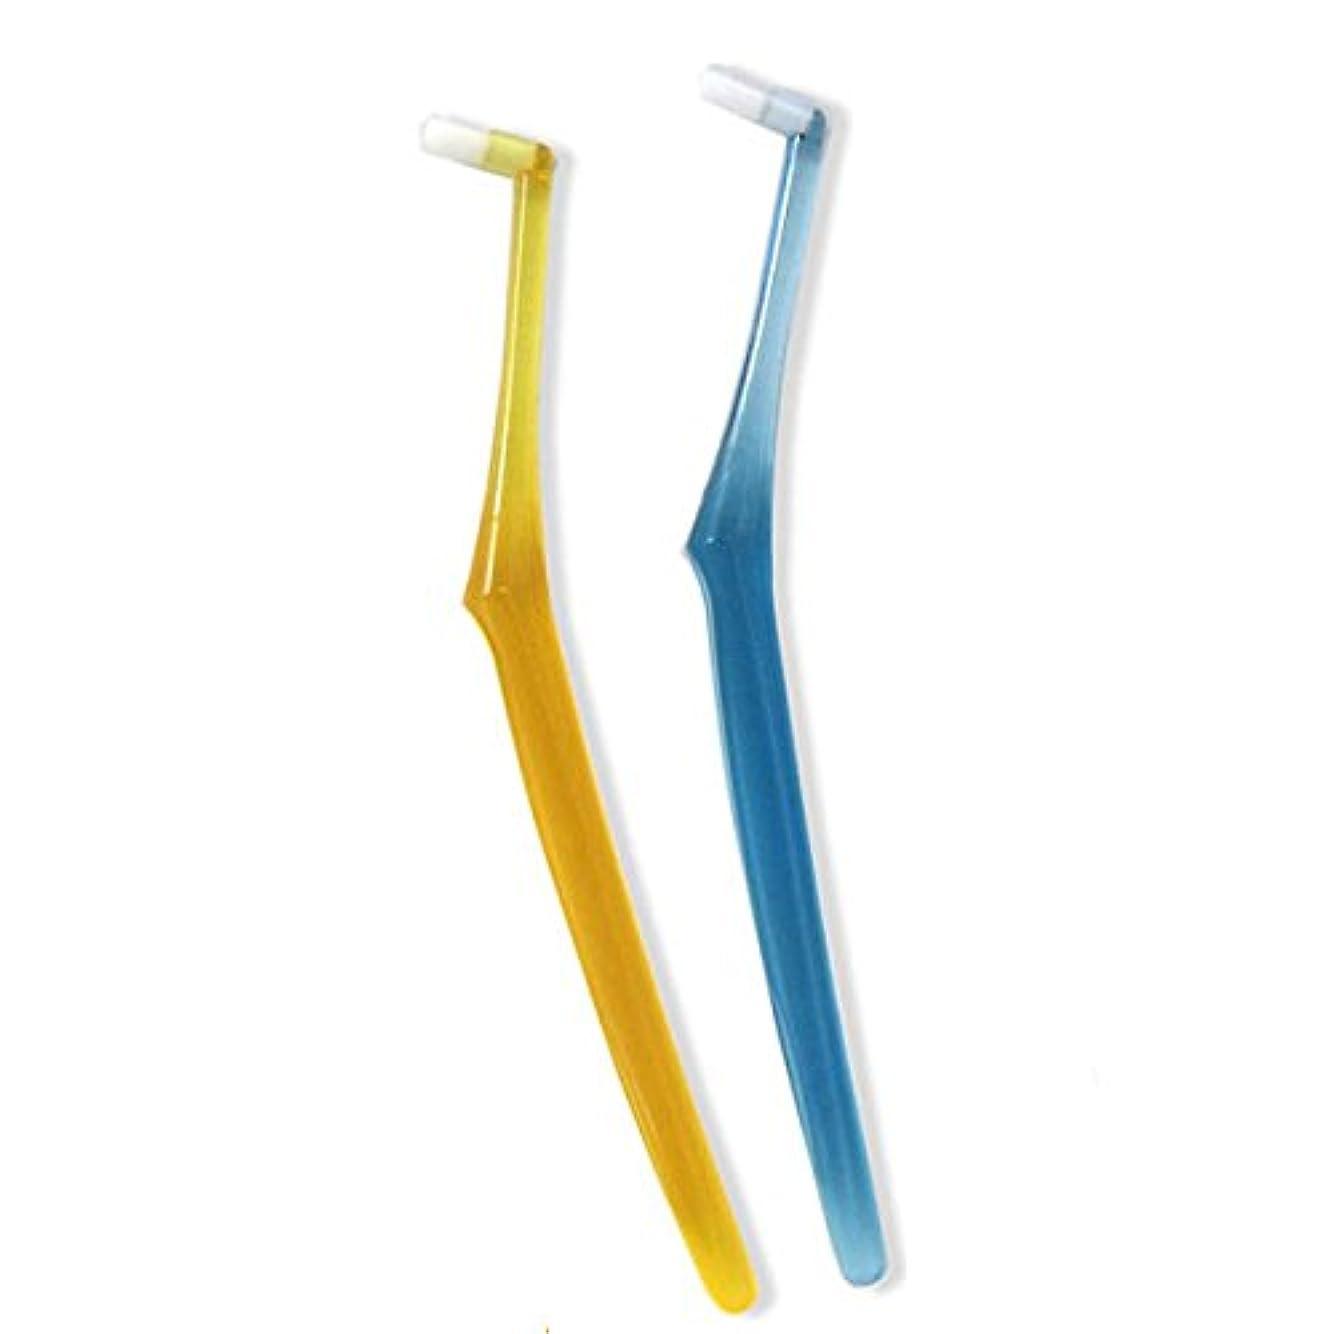 欠陥が欲しいアナウンサー【ワンタフト】 オーラルケア インプロ インプラント専用 歯ブラシ 24本セット (US(ウルトラソフト))